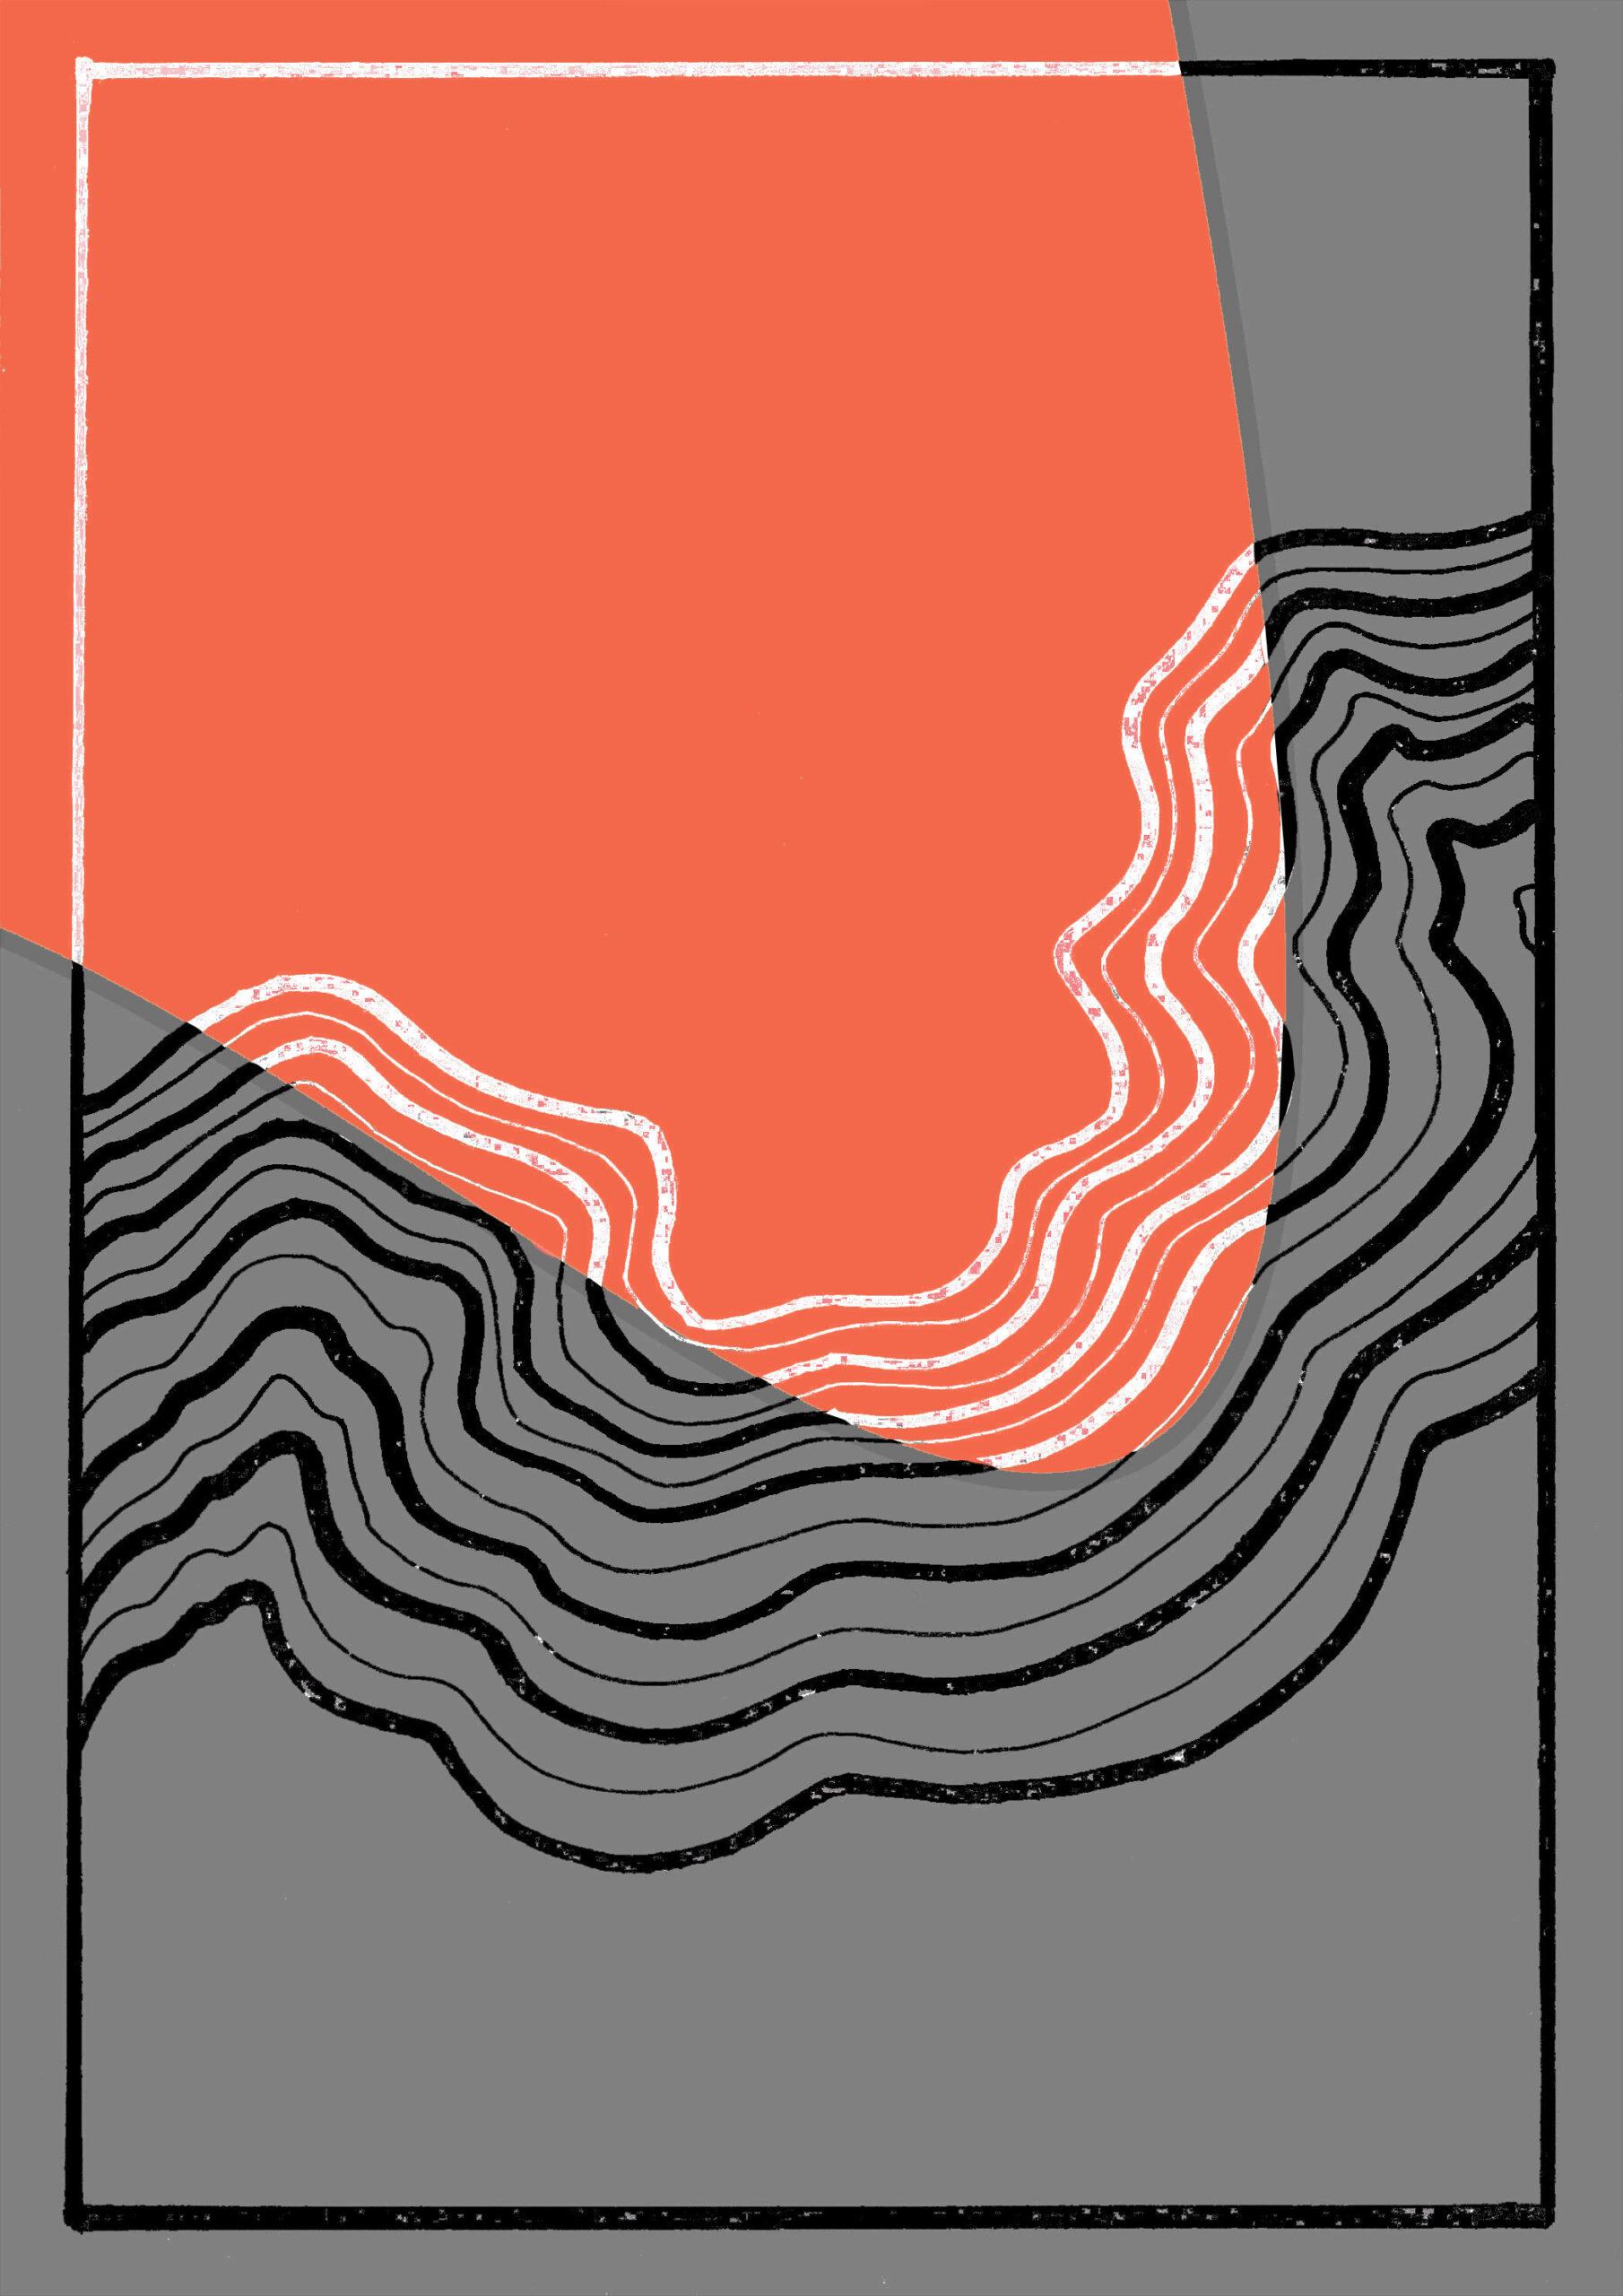 Paolo Criscione - pittura digitale serie di 10 elementi